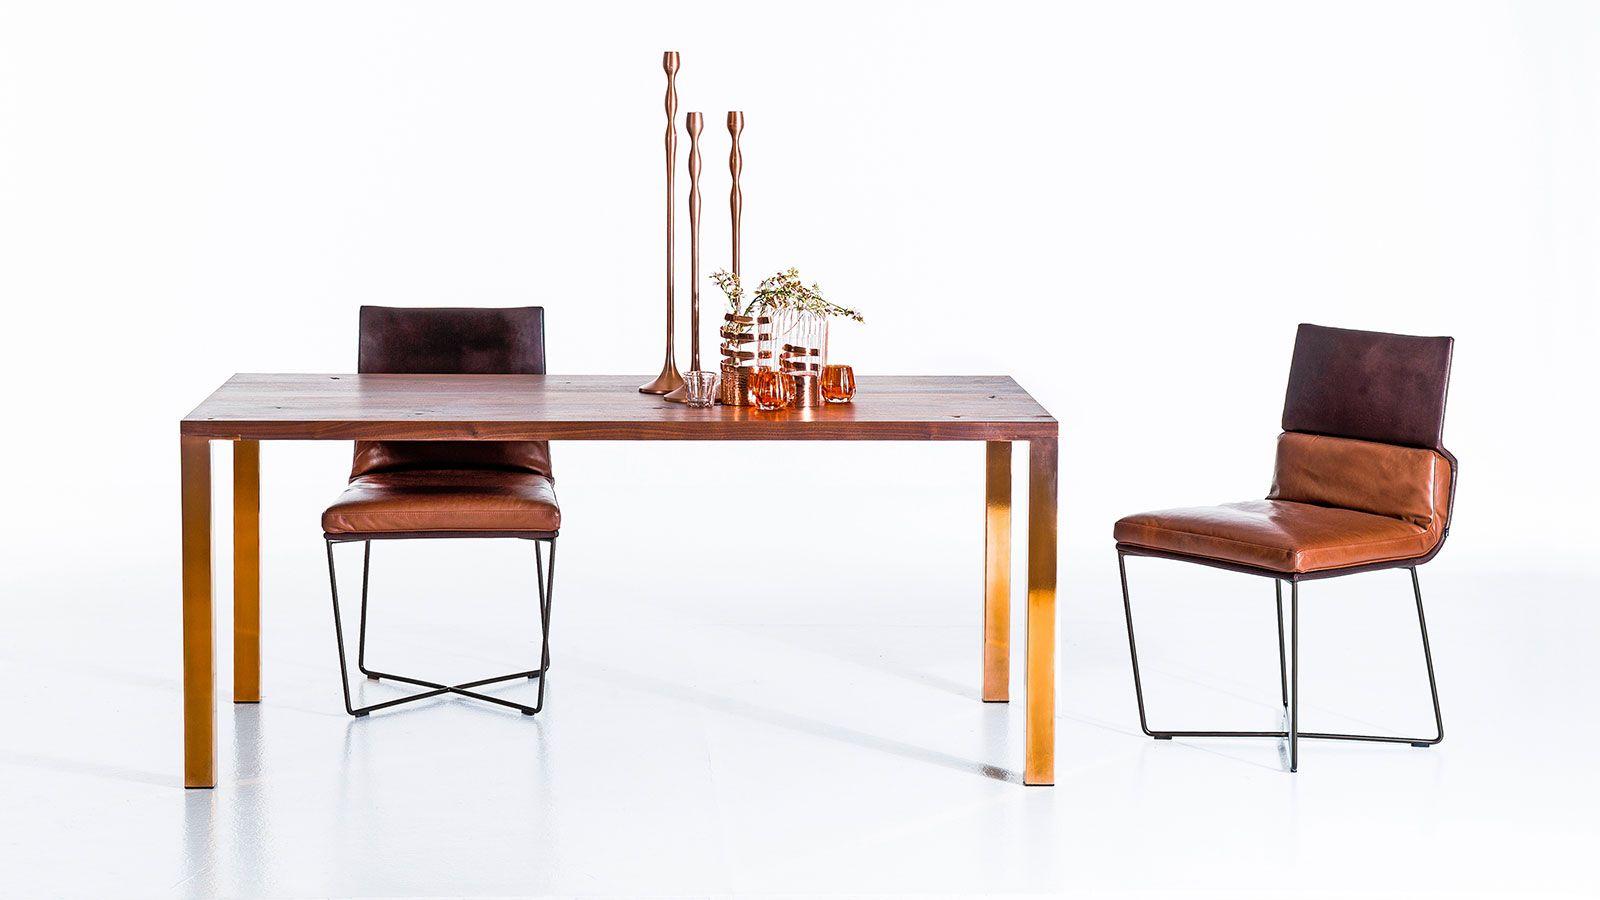 Esstisch Nussbaum Mit Kupferbeinen Esstische Tables Tischplatten